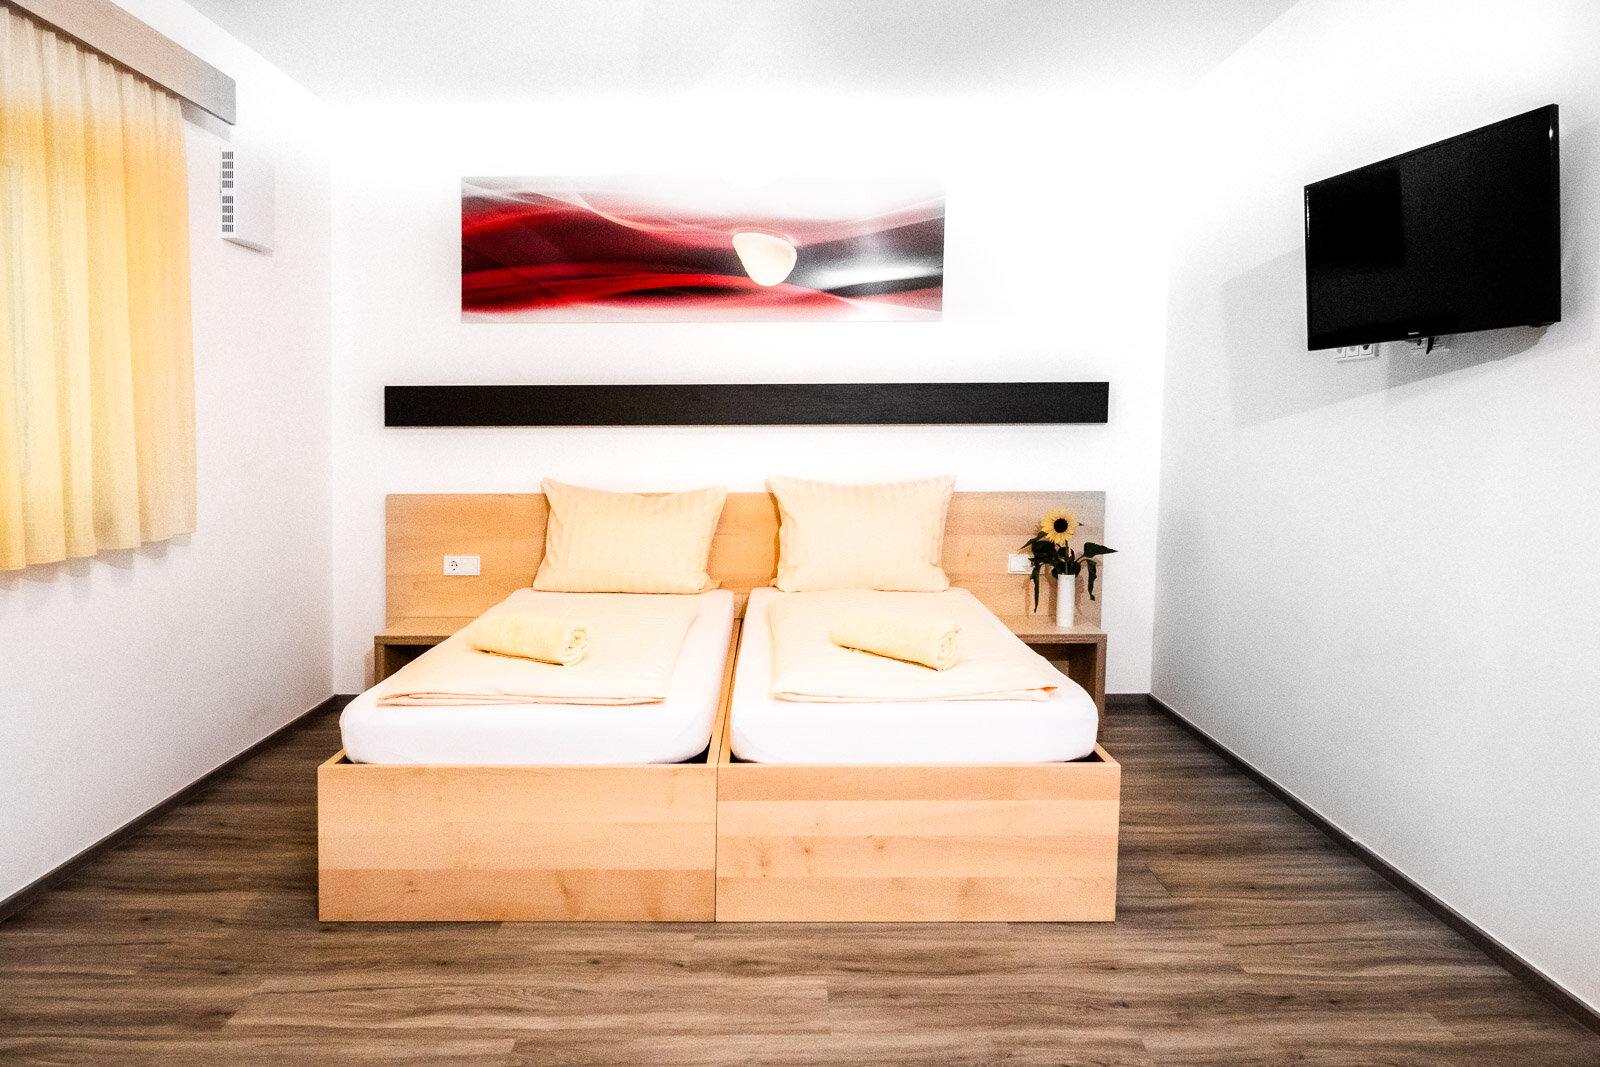 Apartment / Suite 9